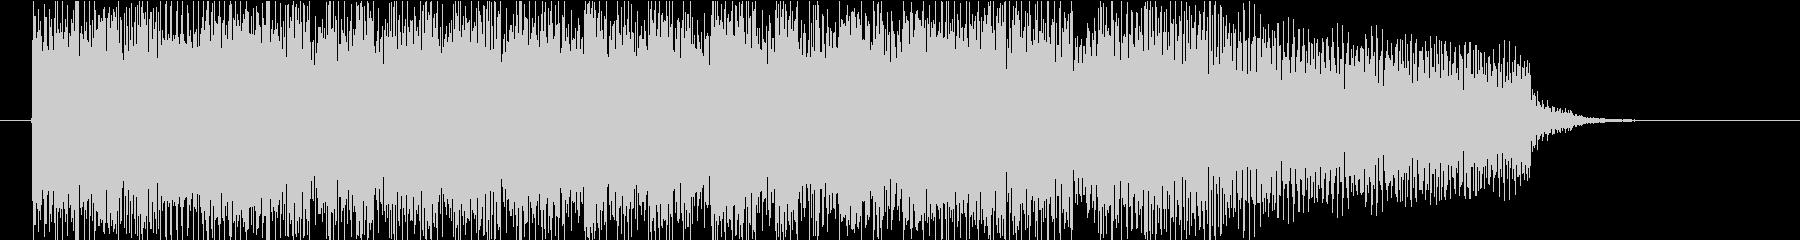 サウンドロゴ(エレキピアノ・発車メロ風)の未再生の波形